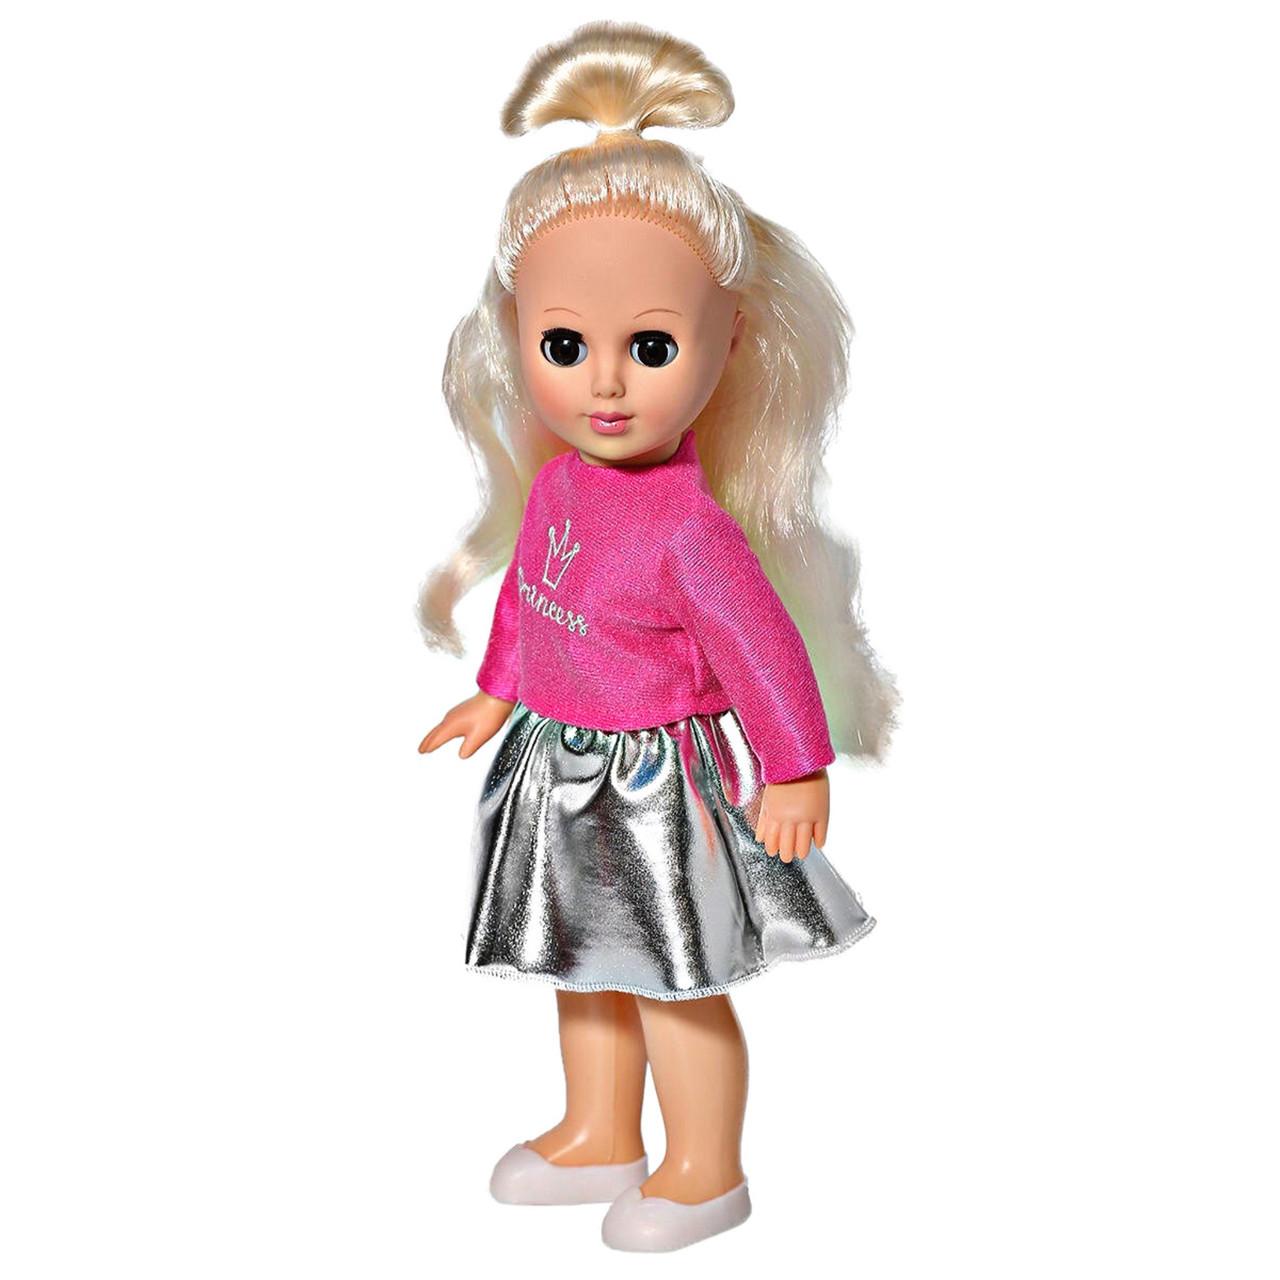 Кукла Алла Модница-1 35 см, Весна - фото 1